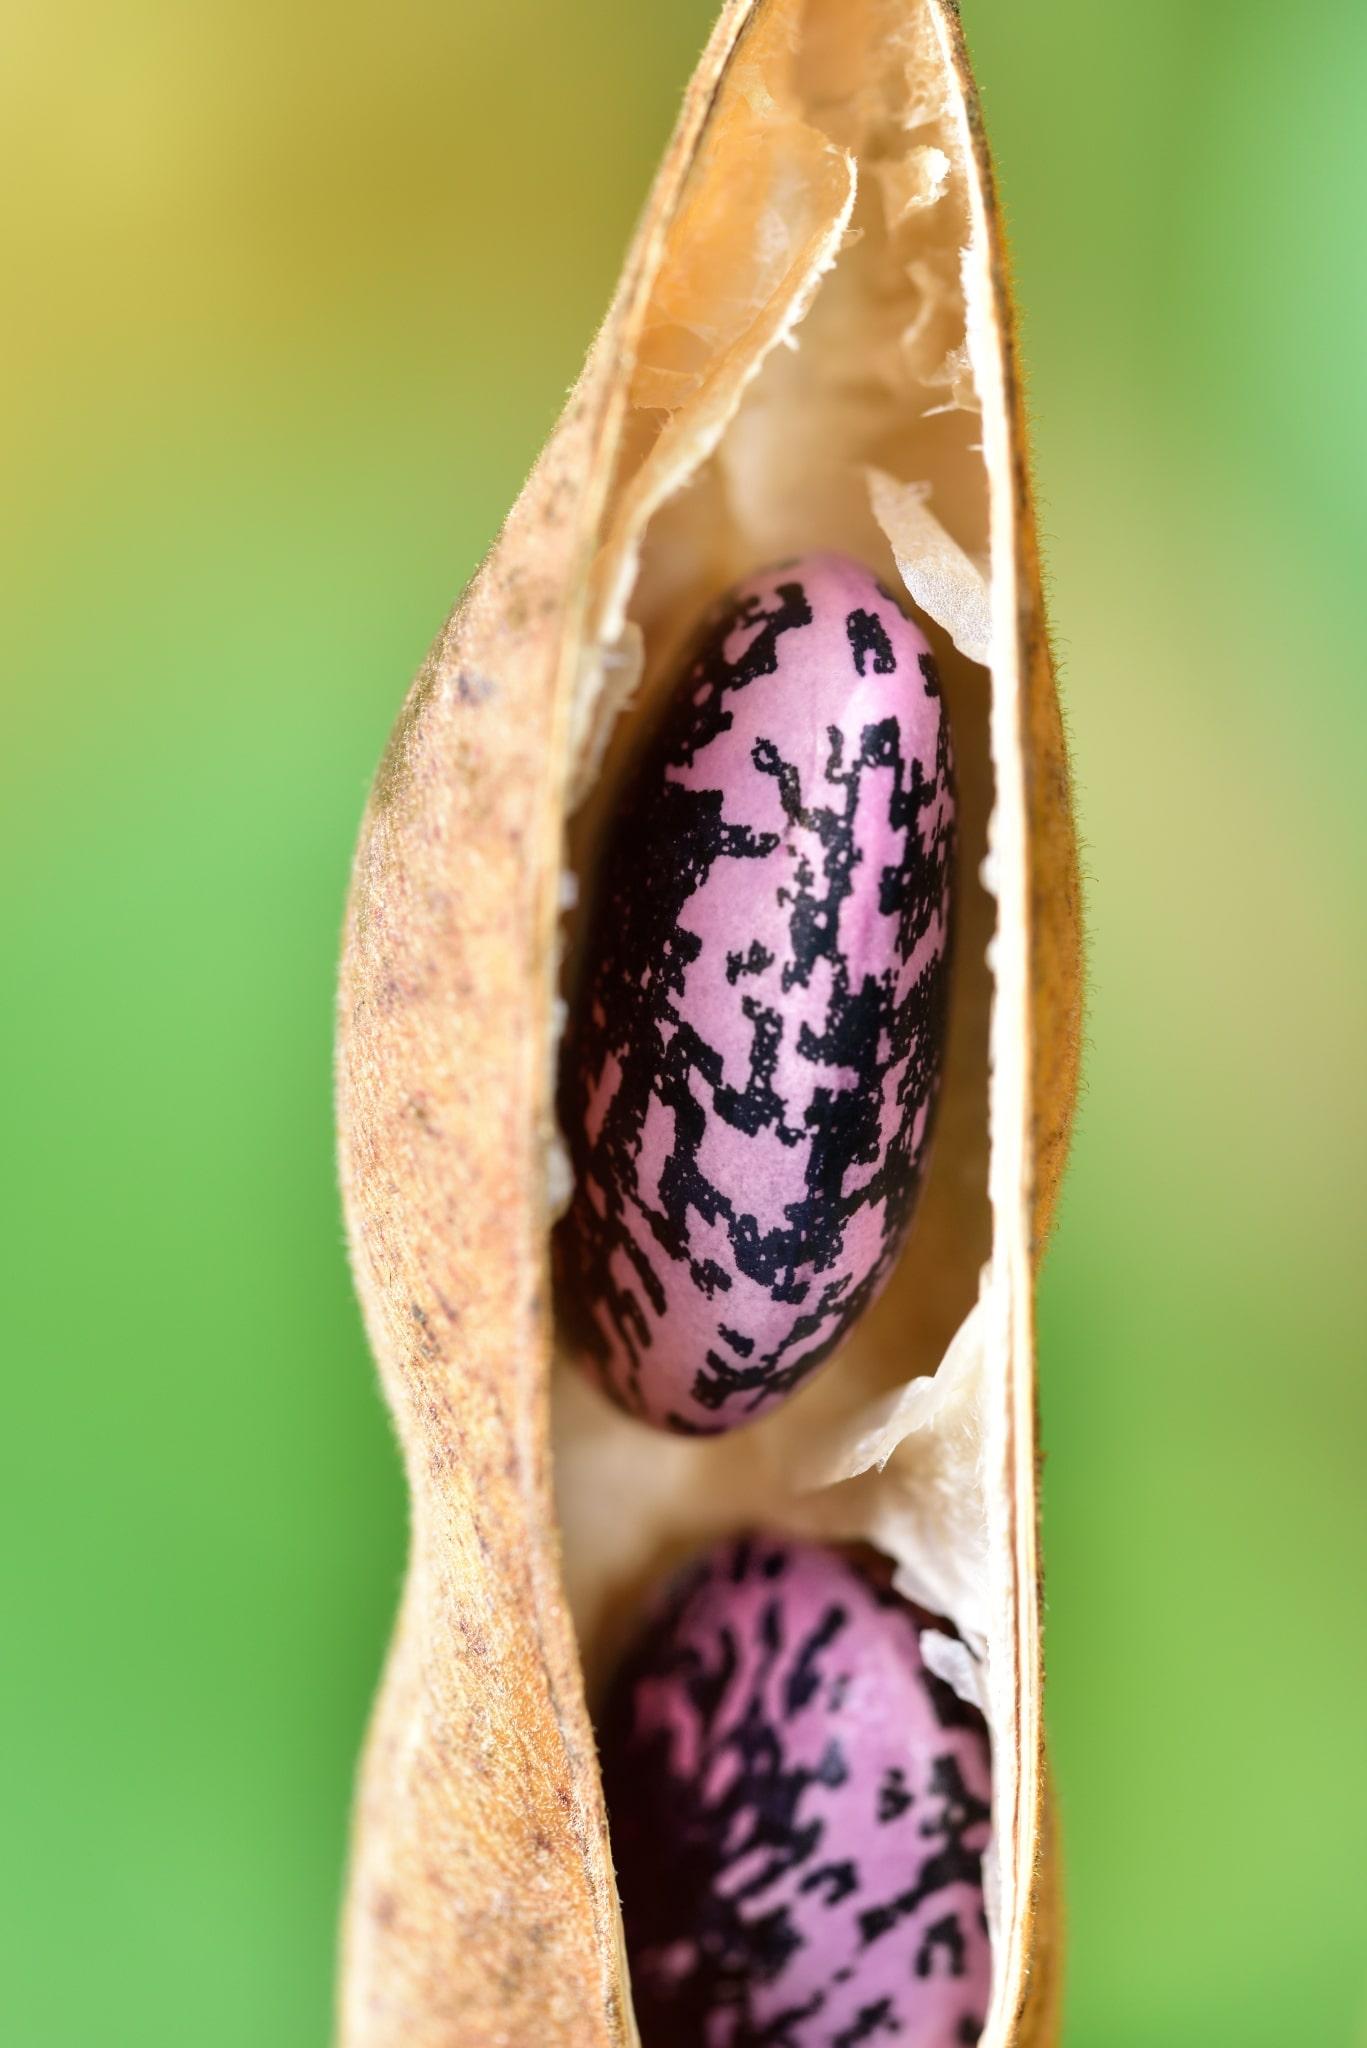 Käferbohne in der Hülle